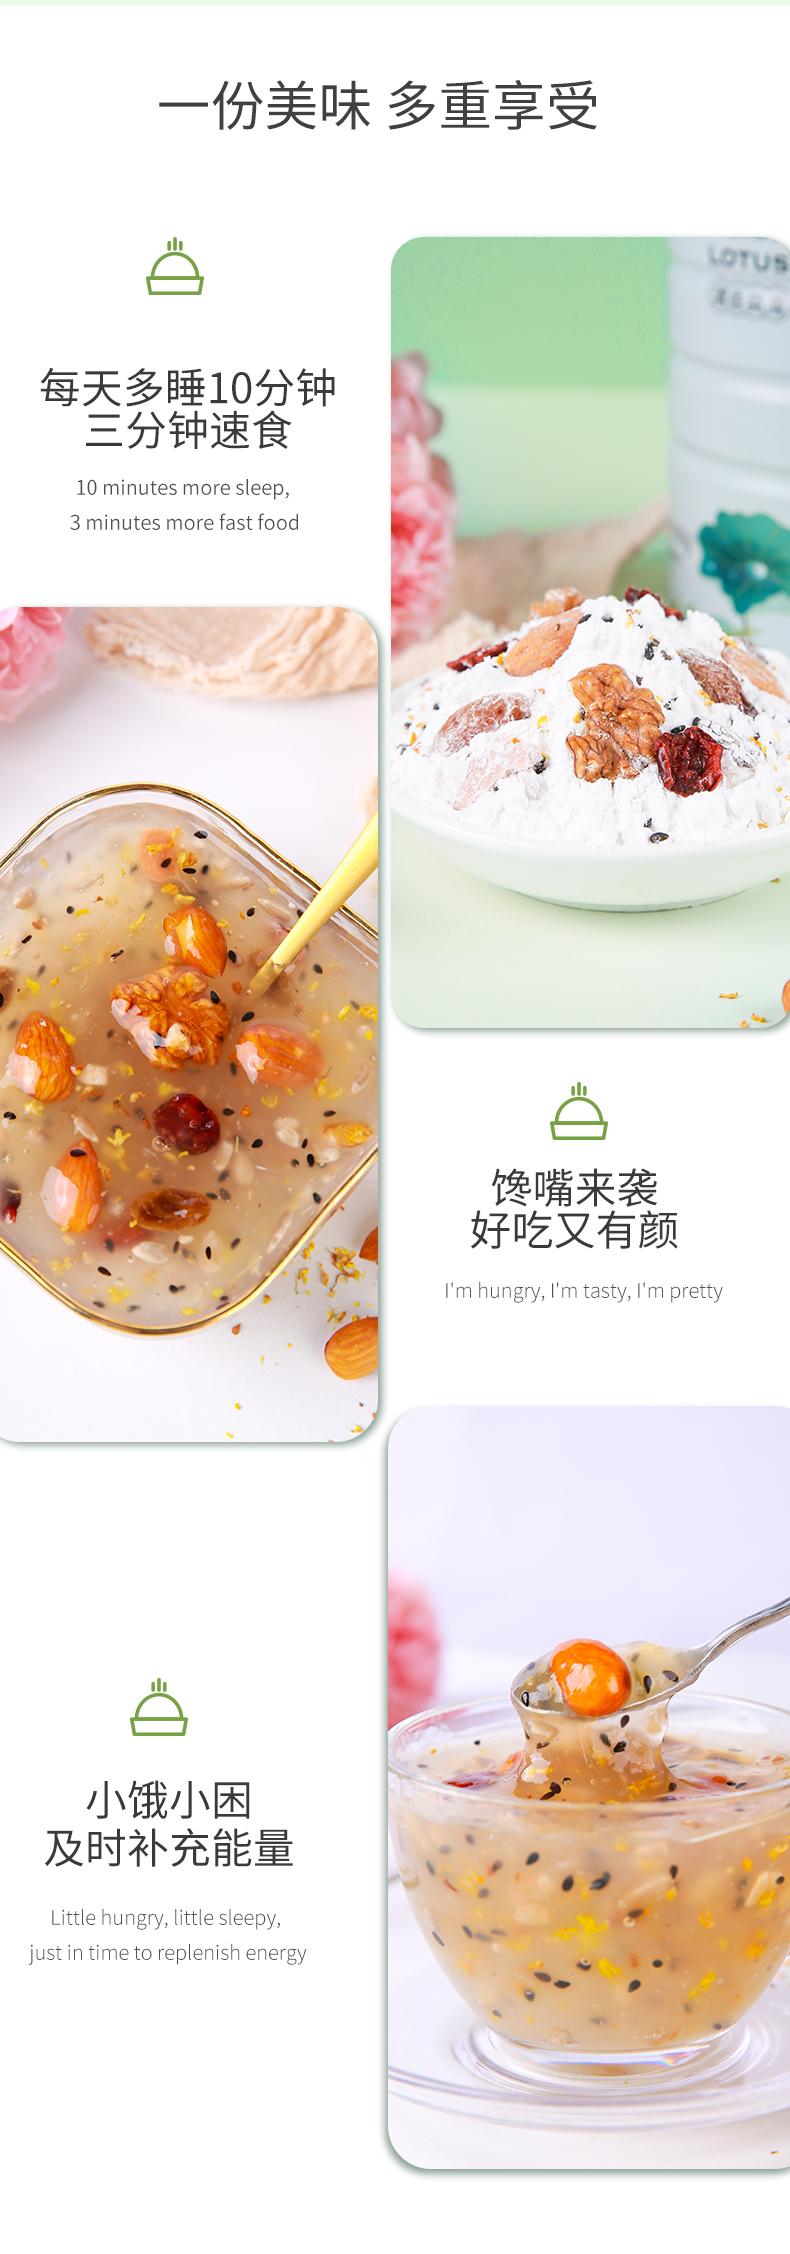 藕粉 (4).jpg